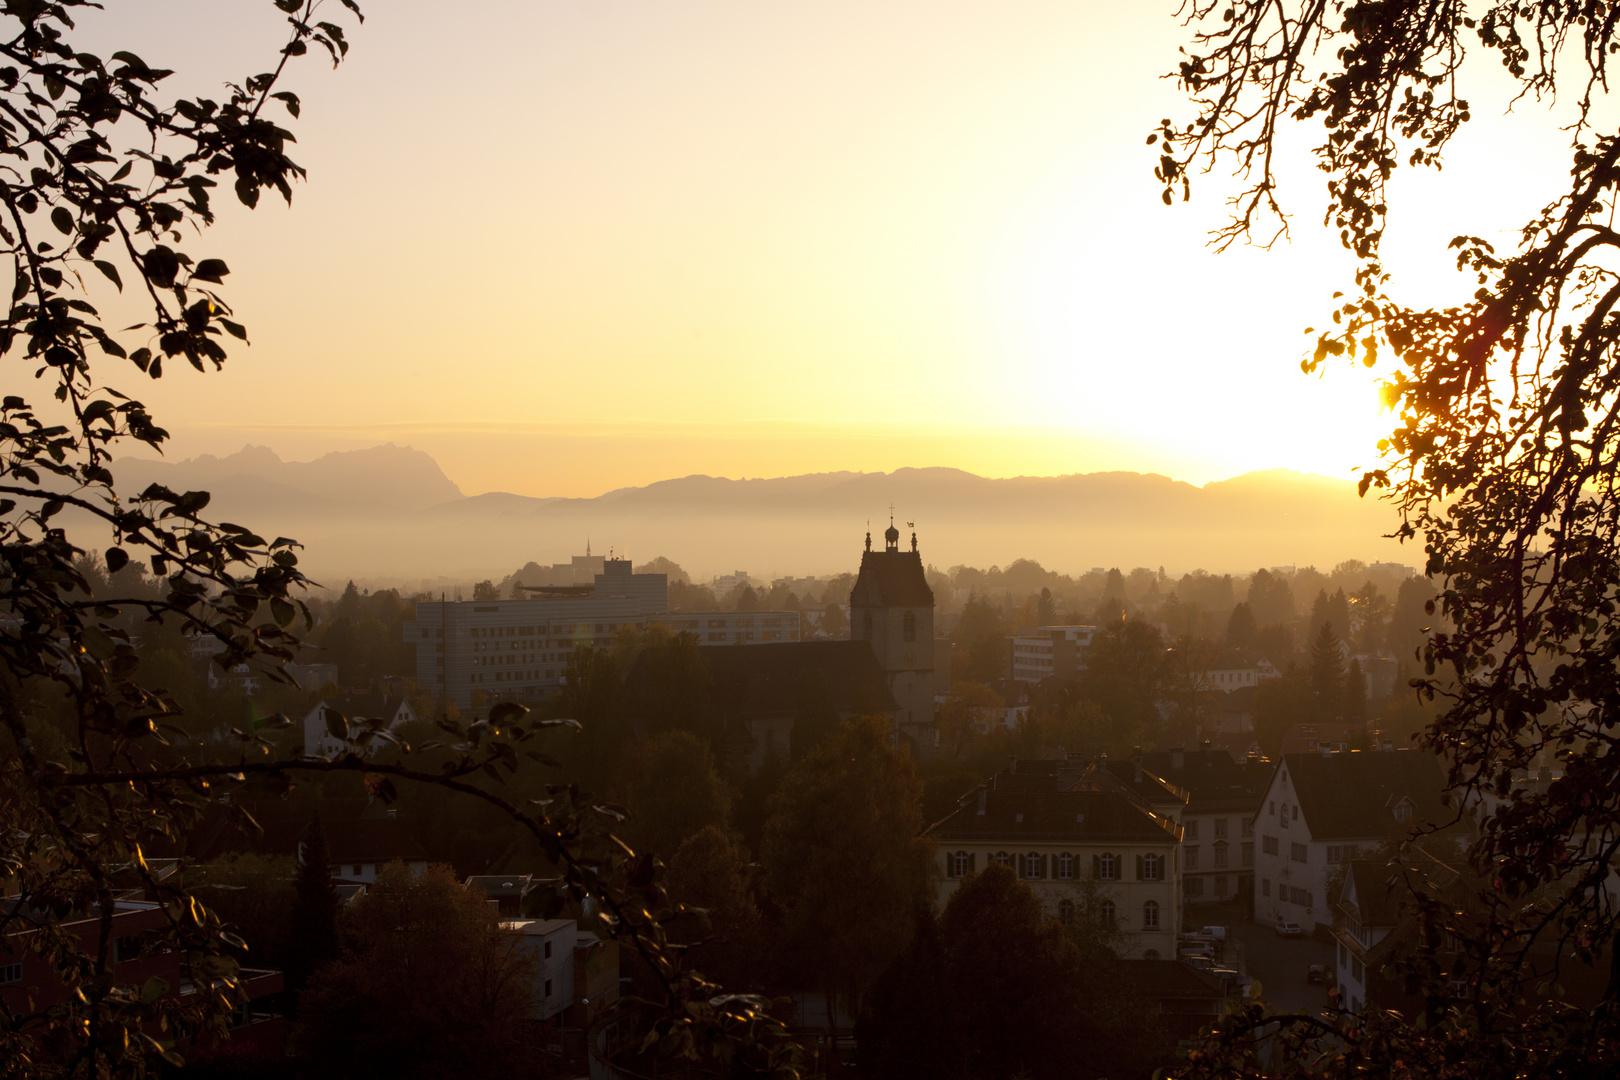 Herbstabend in Bregenz